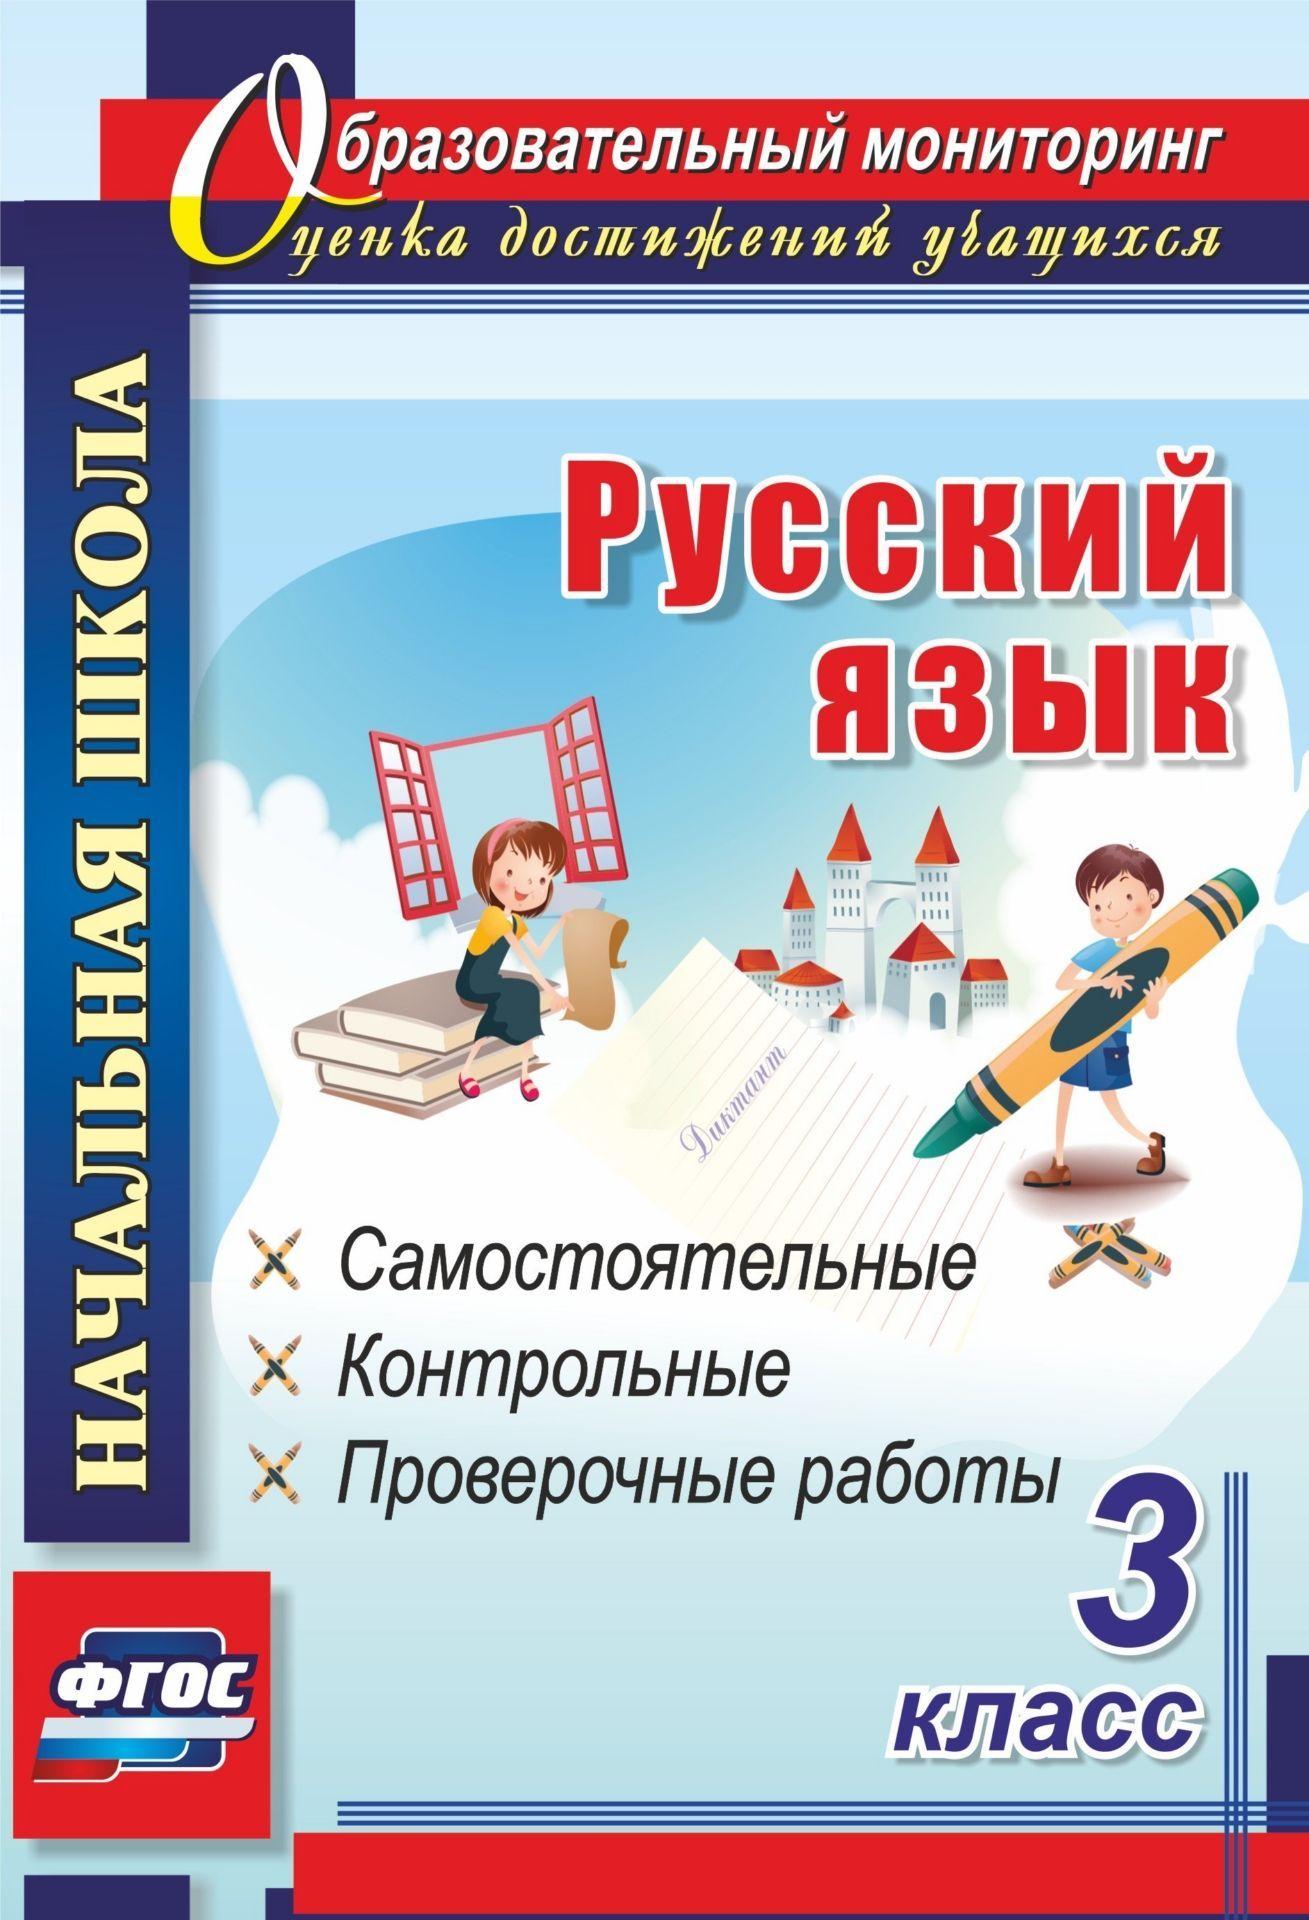 Русский язык. 3 класс: самостоятельные, контрольные, проверочные работы